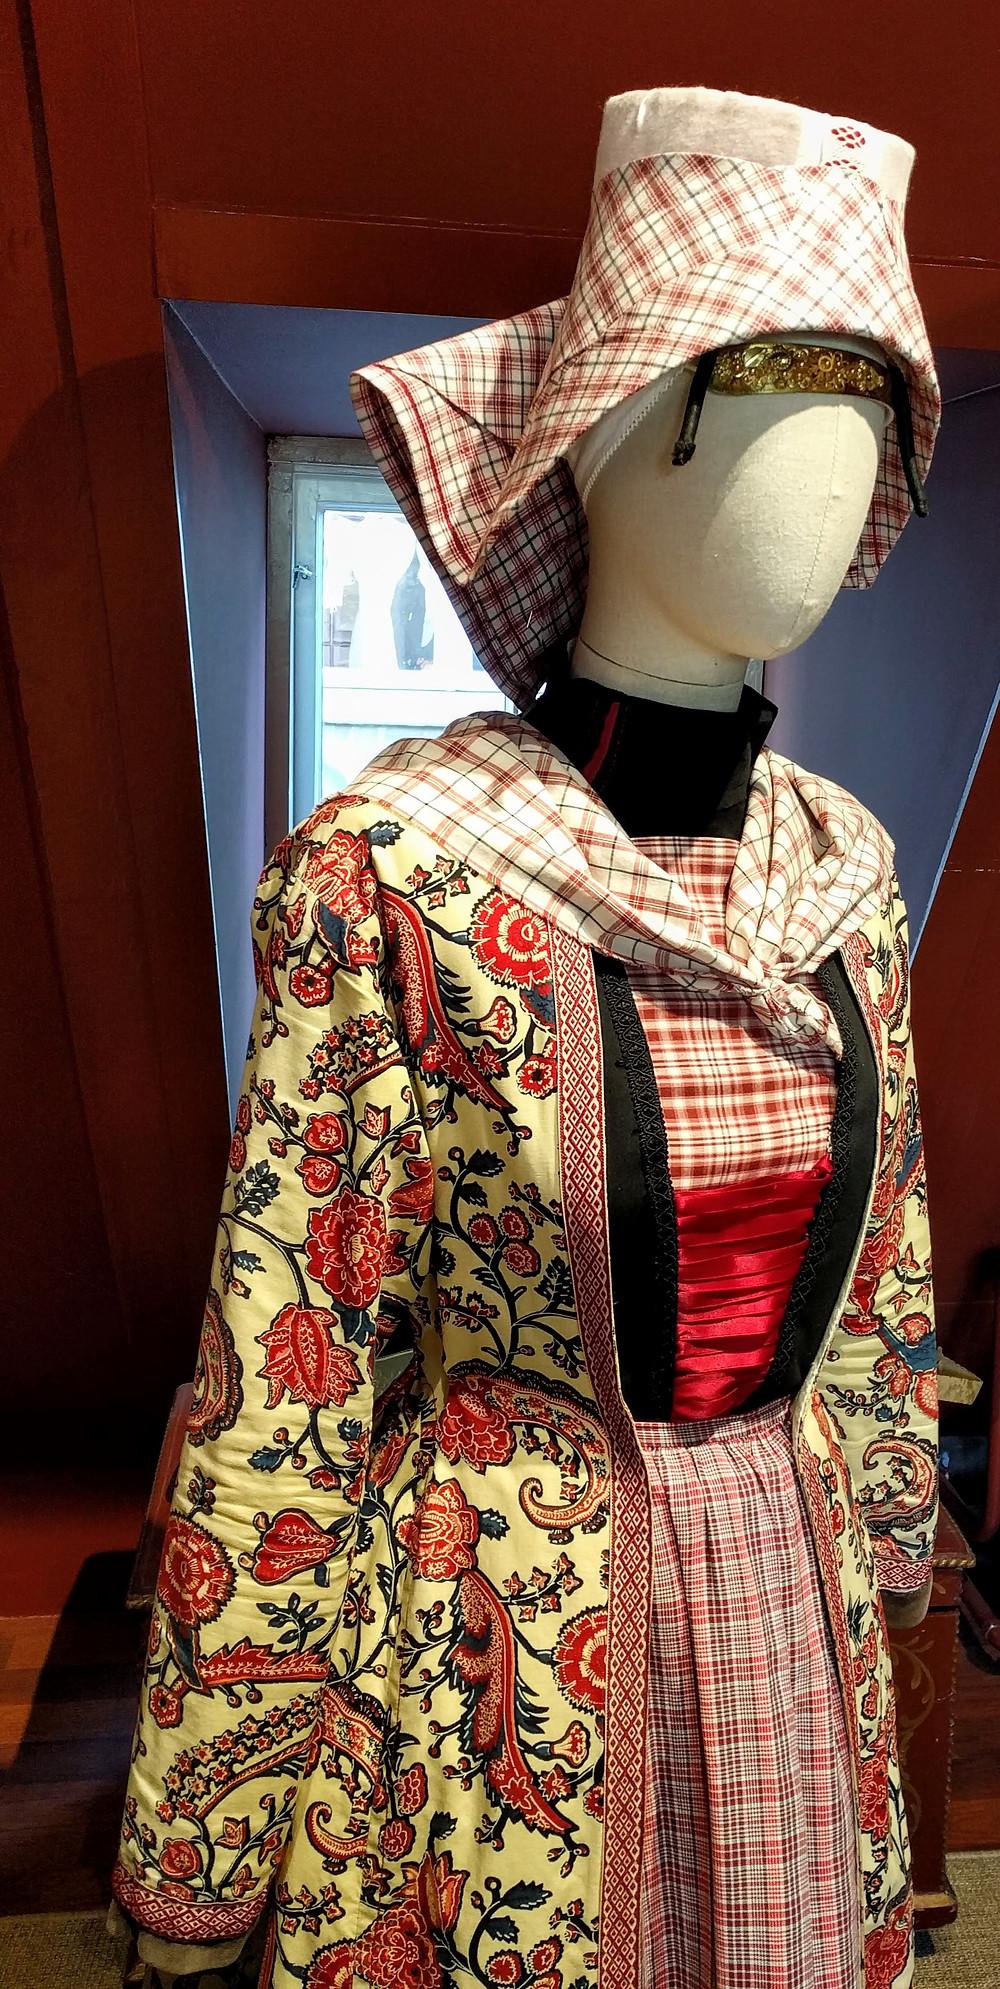 . לבוש חגיגי מהינדלופן. אשה לבשה מעיל ארוך מבד רקום וכיסוי ראש מבד משובץ. כיסוי ראש נוקשה חבשו רק נשים נשואות